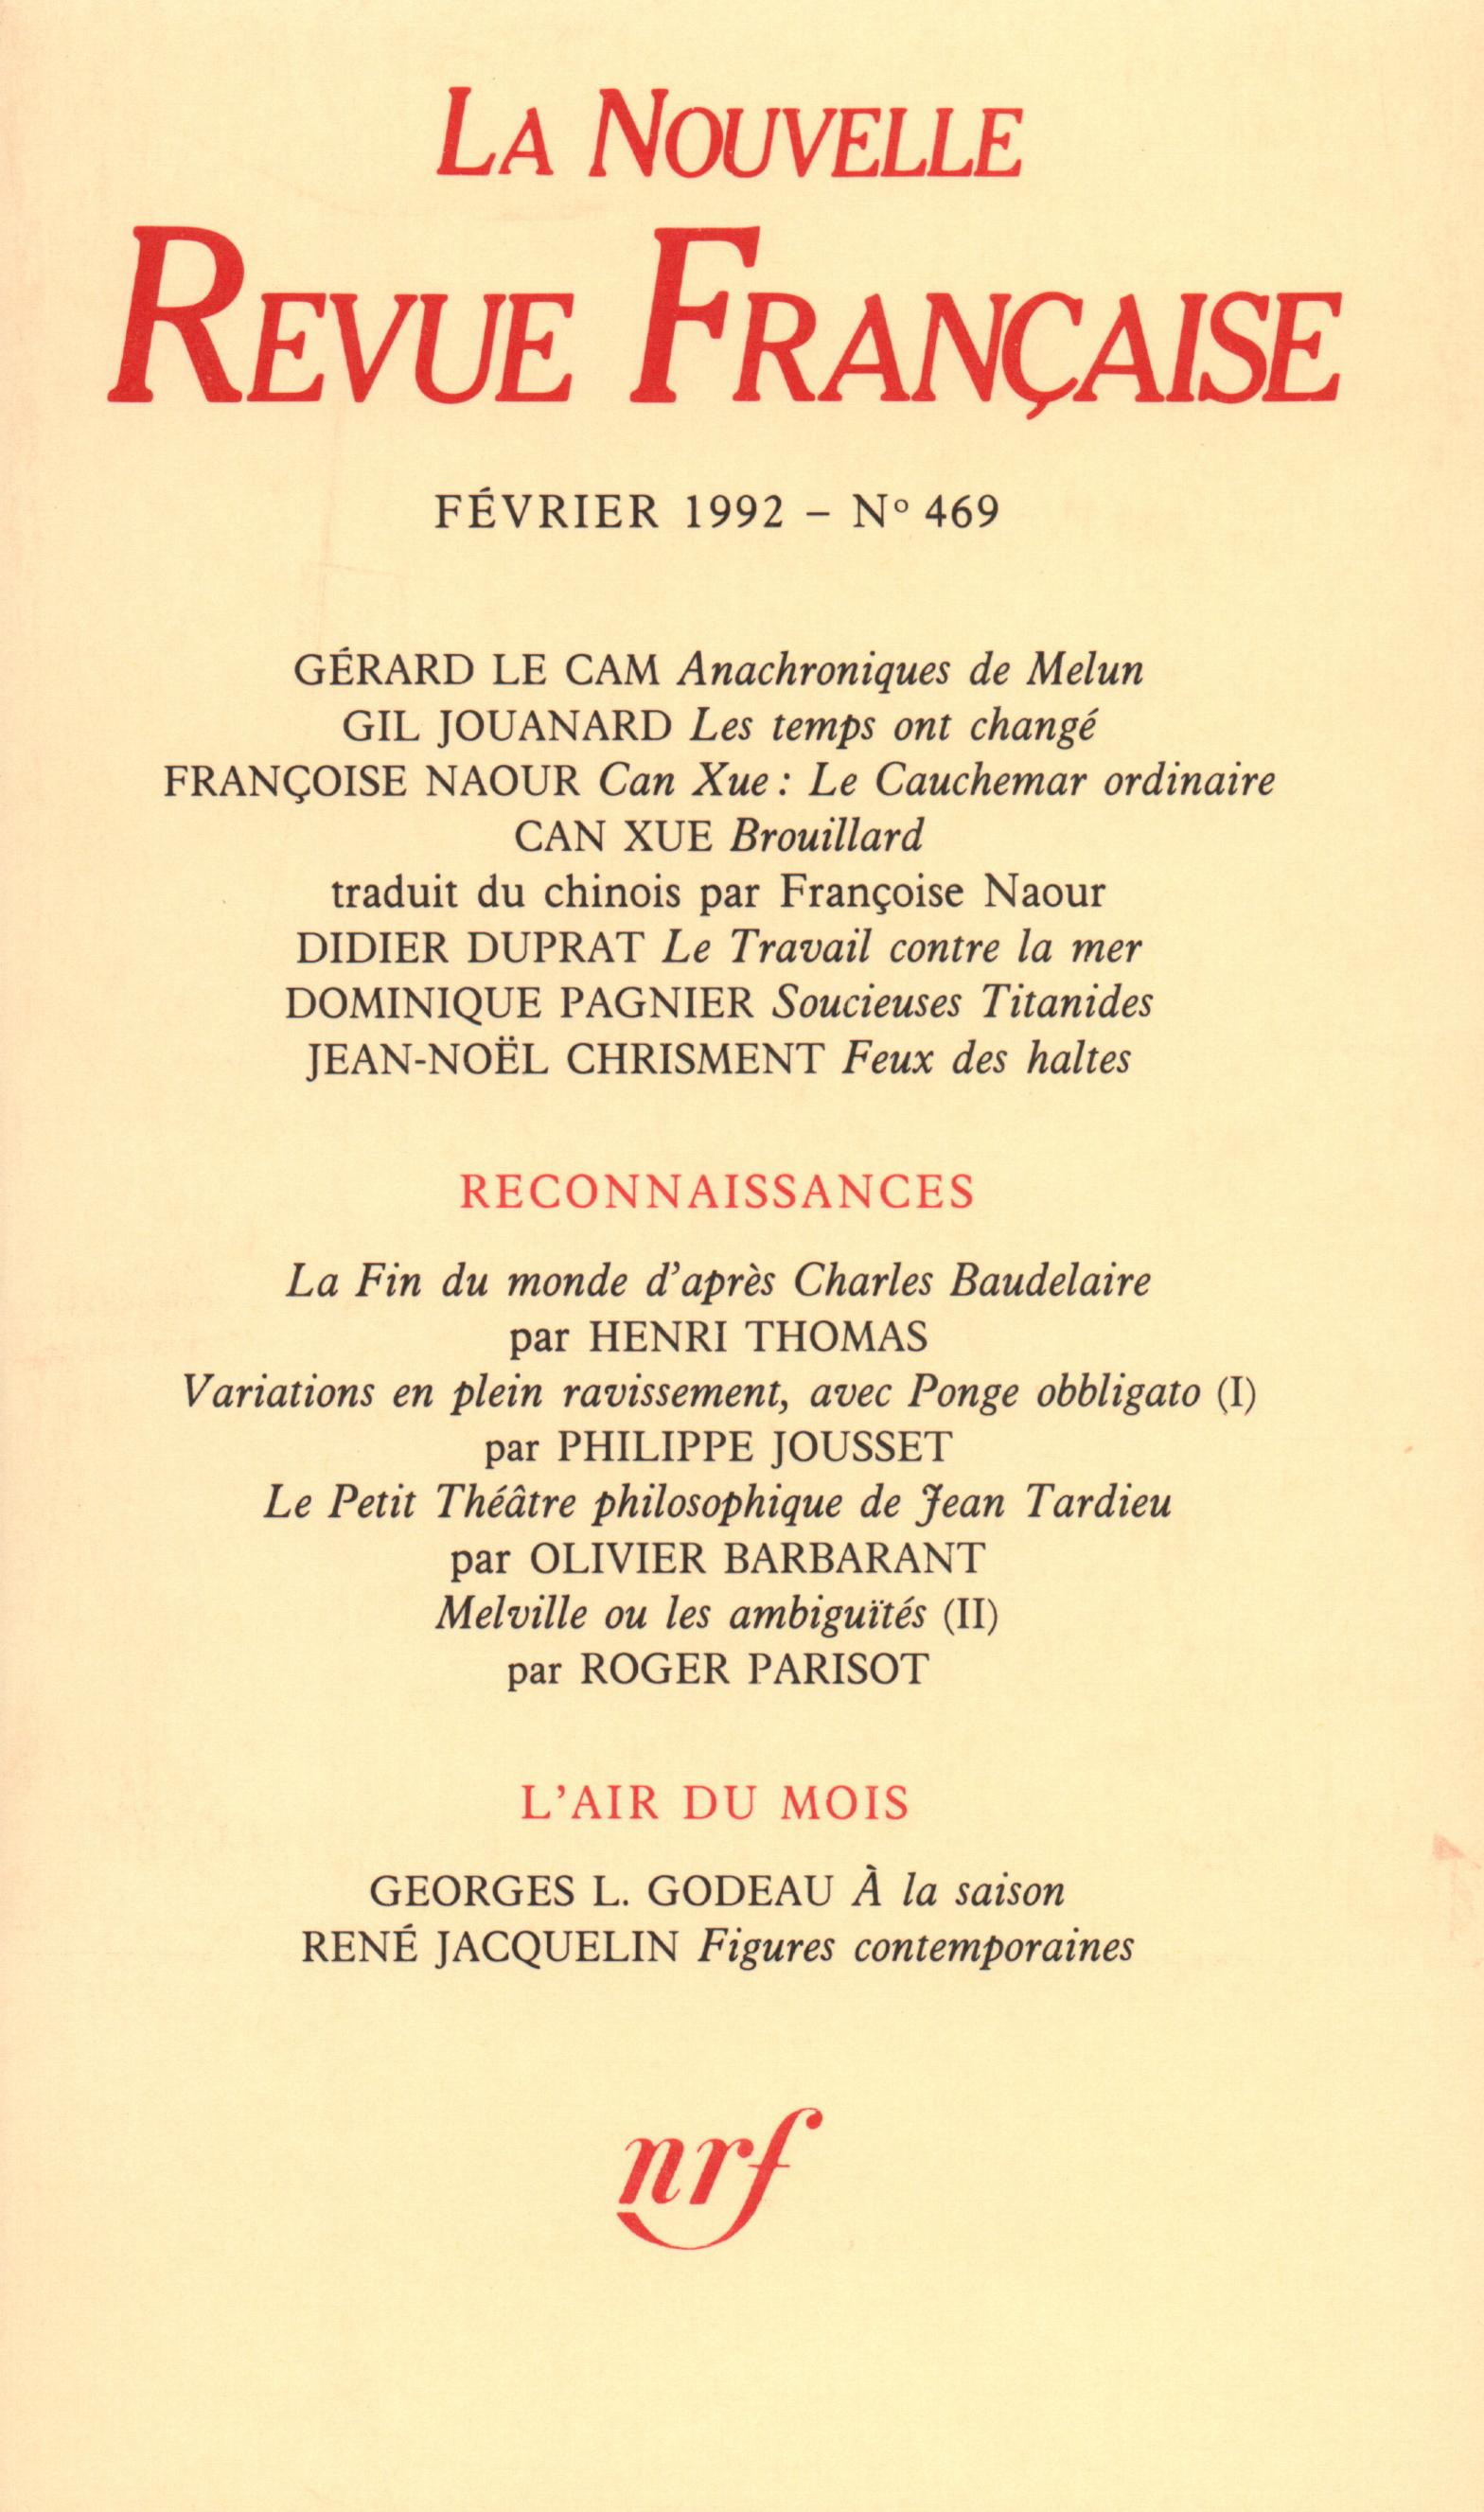 La Nouvelle Revue Française N° 469